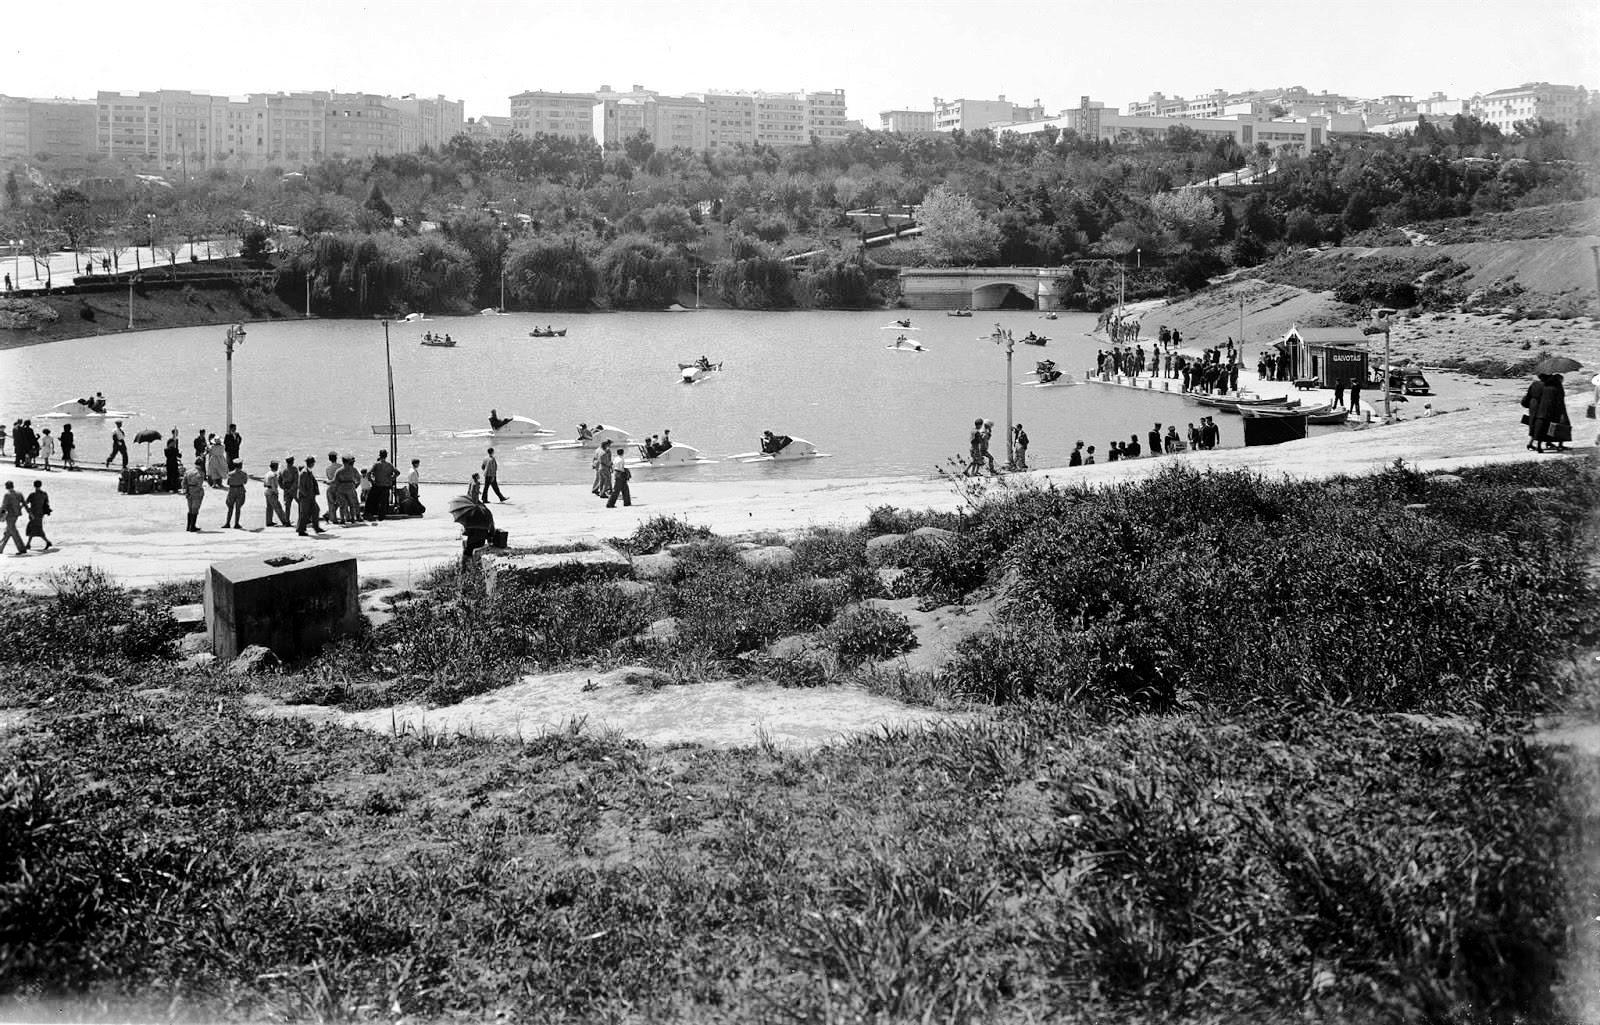 [Lago-do-Parque-Eduardo-VII19]